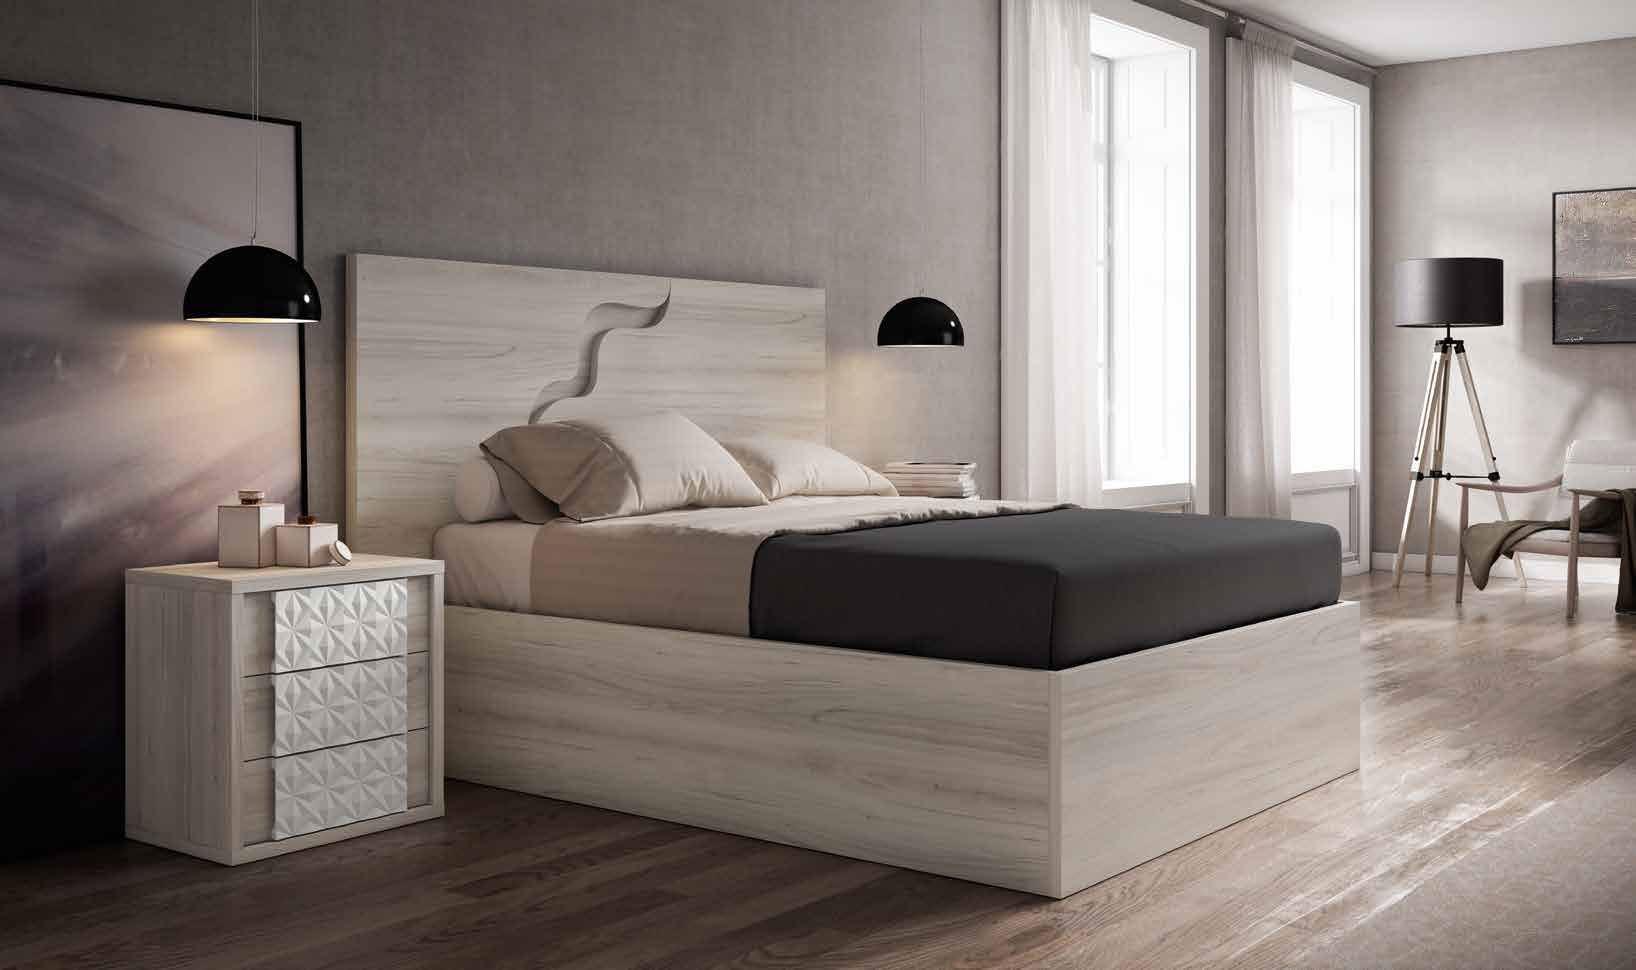 creta-dormitorio-quios-22